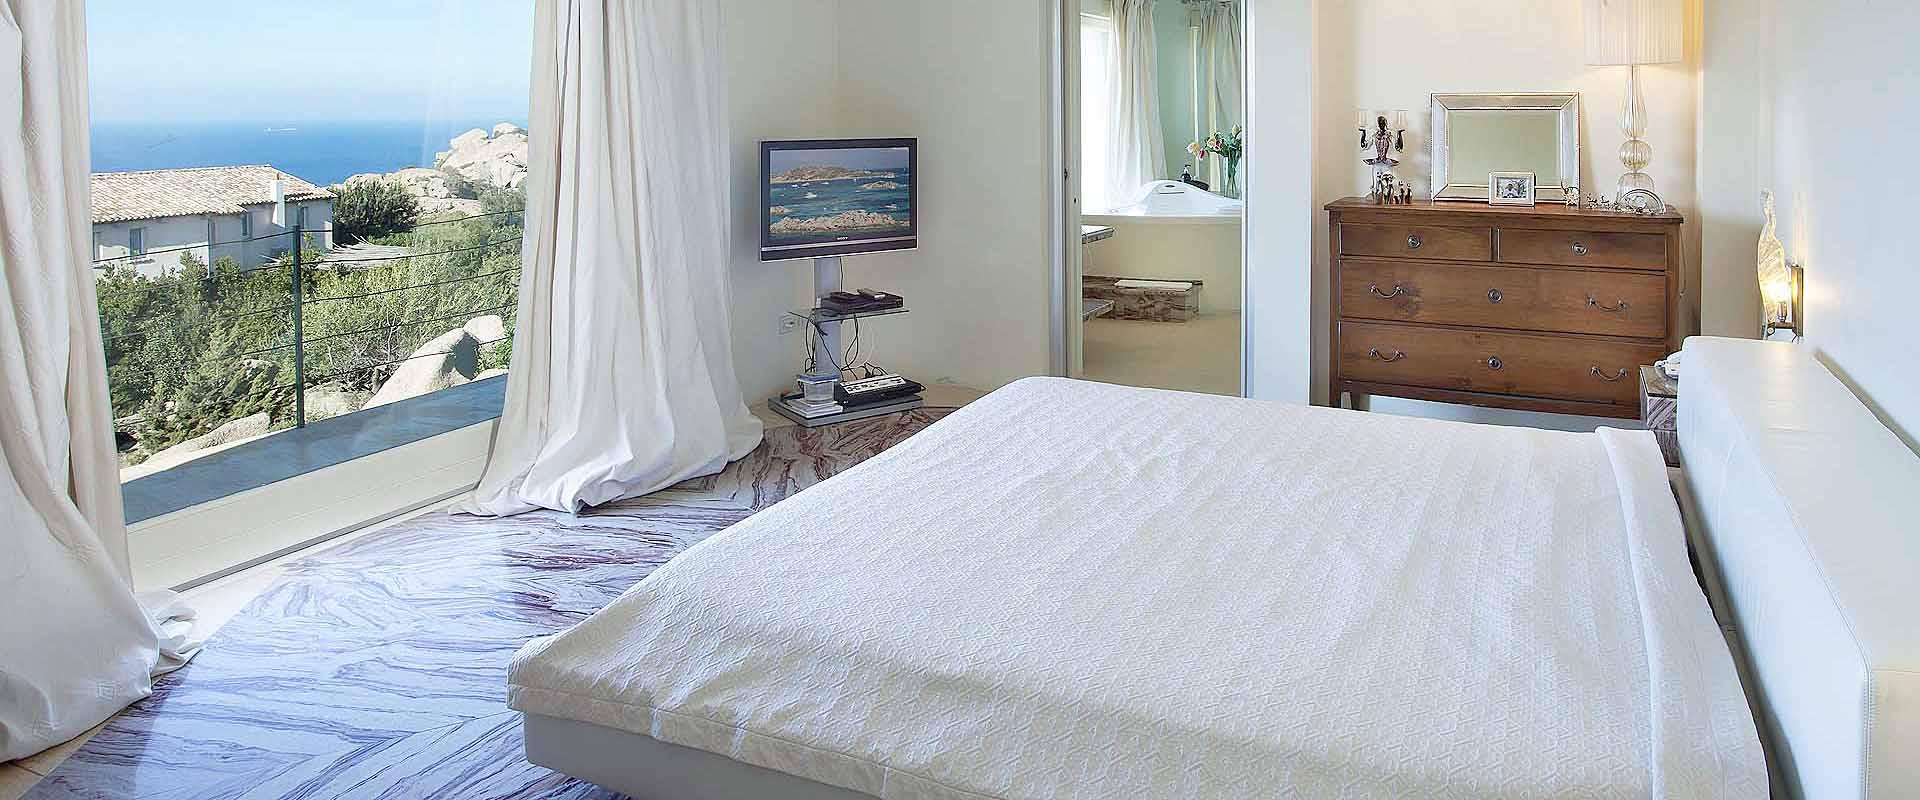 Luxury Villas Rent Italy